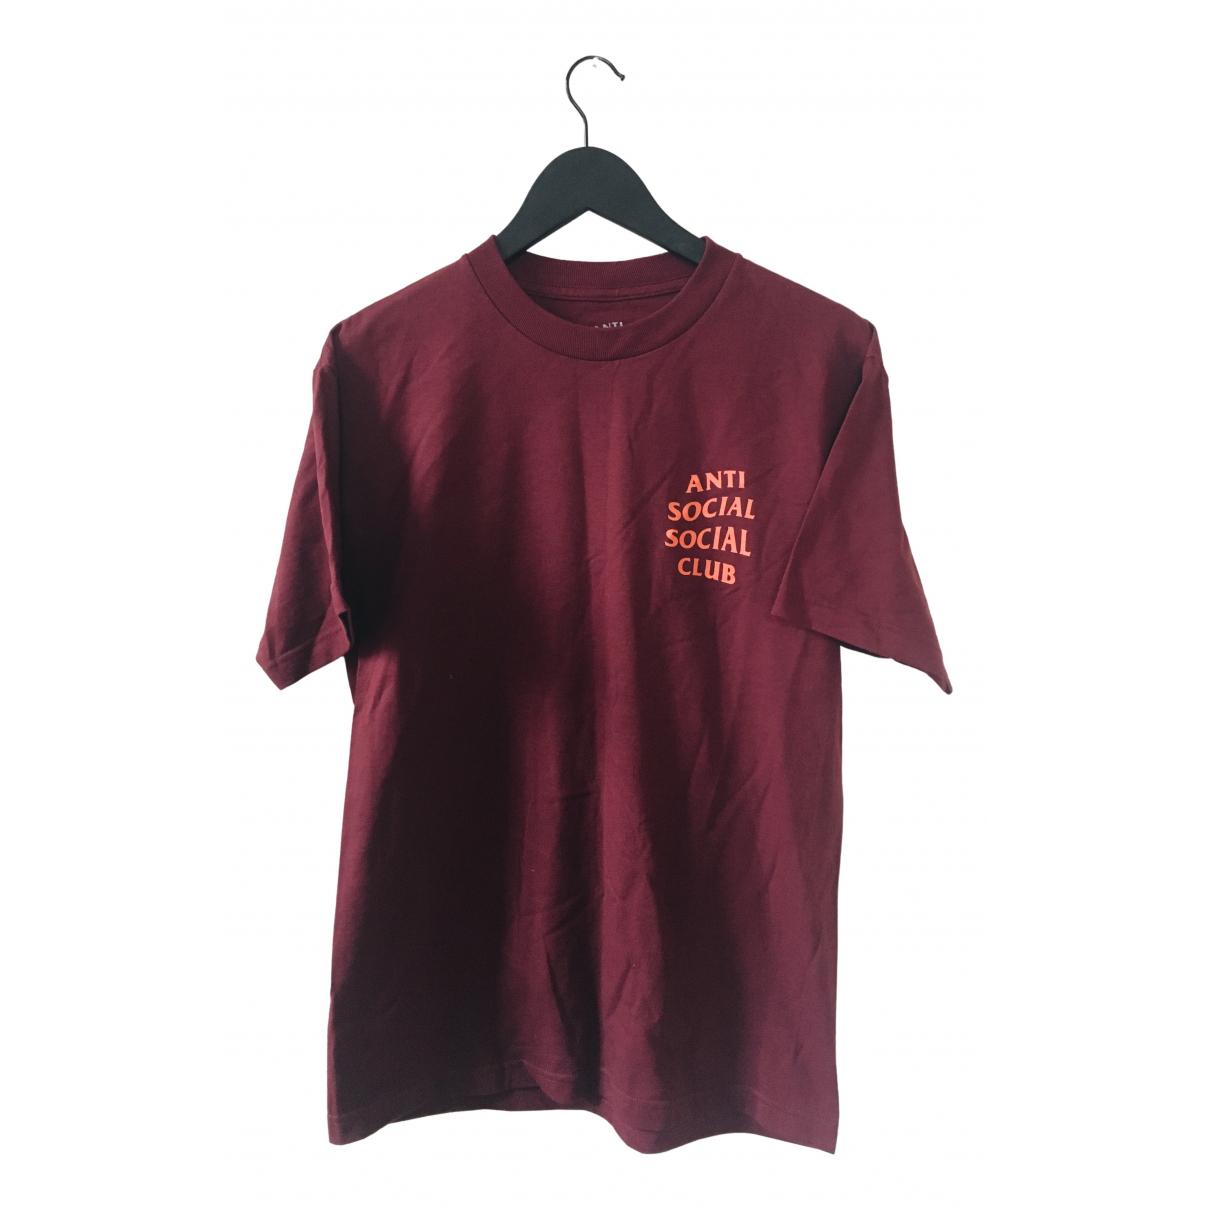 Anti Social Social Club - Tee shirts   pour homme en coton - bordeaux